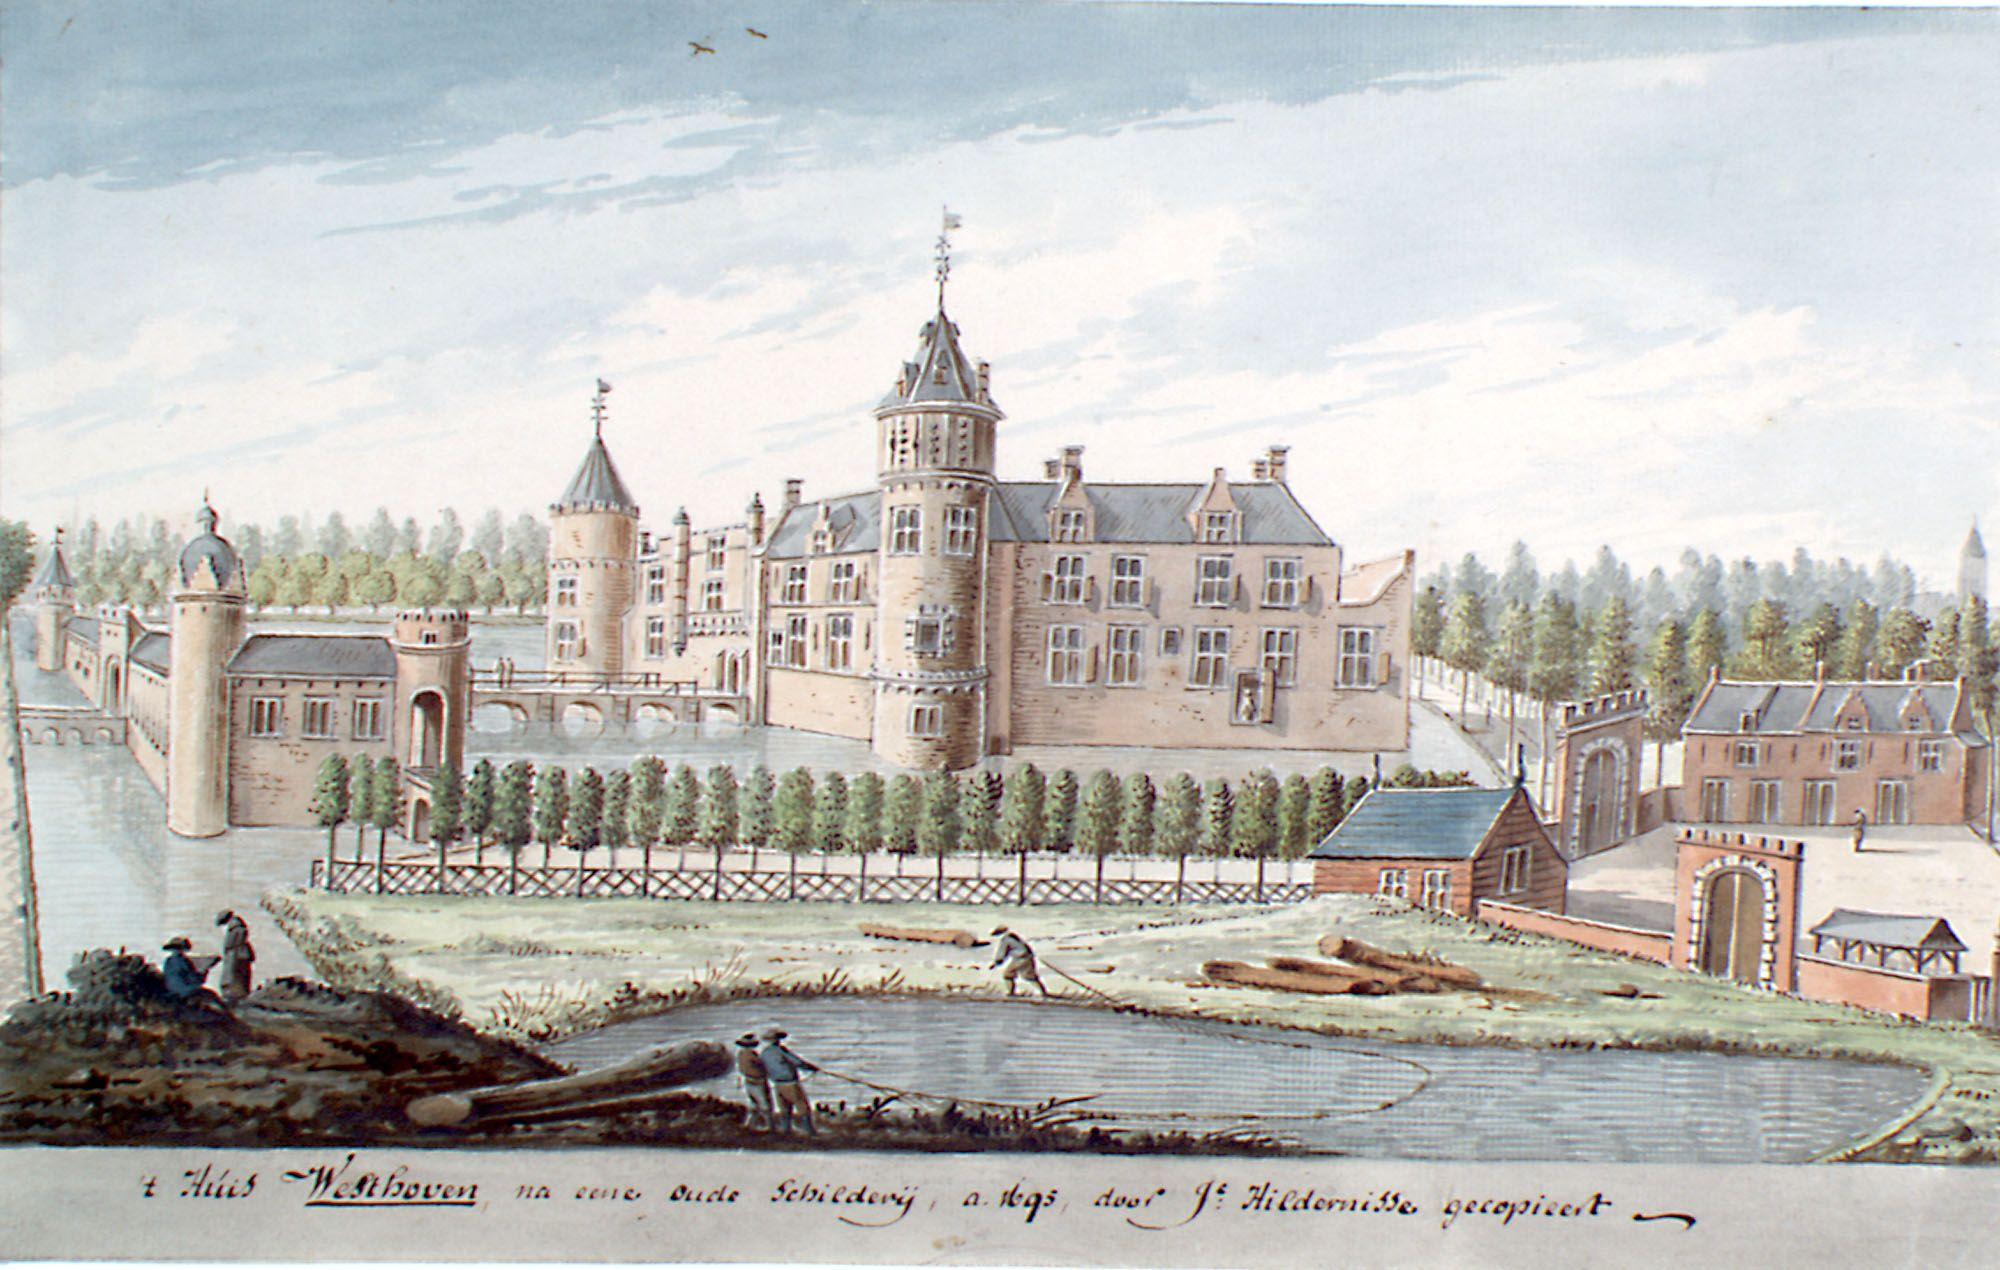 Westhove zoals het er in volle glorie moet hebben uitgezien. Aquarel, eind 17de eeuw, kopie van een oudere afbeelding. (Zeeuws Archief, collectie Zeeuws Genootschap, Zelandia Illustrata)